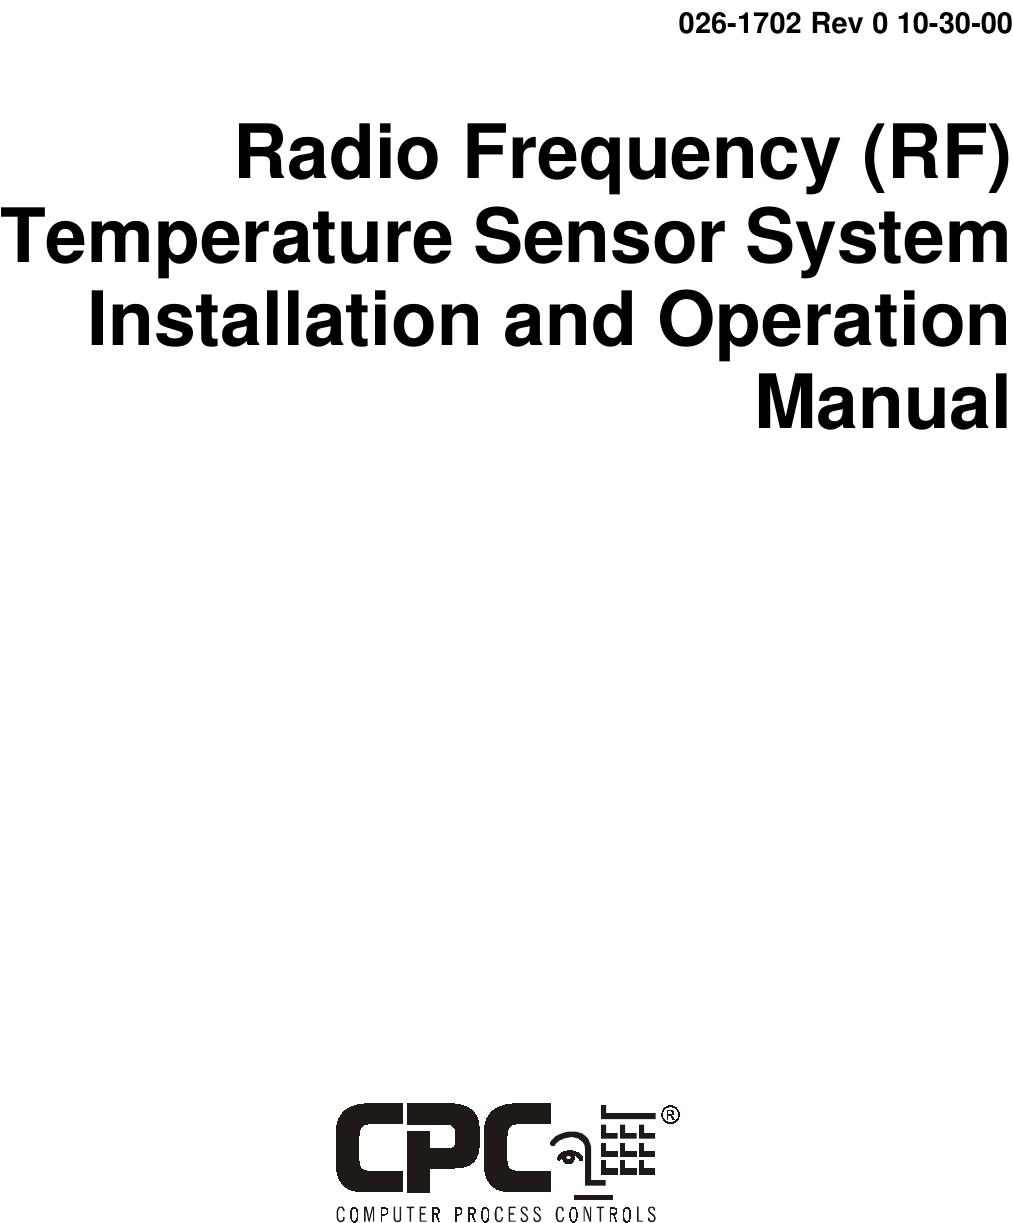 Computer Process Controls 809-3542 RF ambient temperature